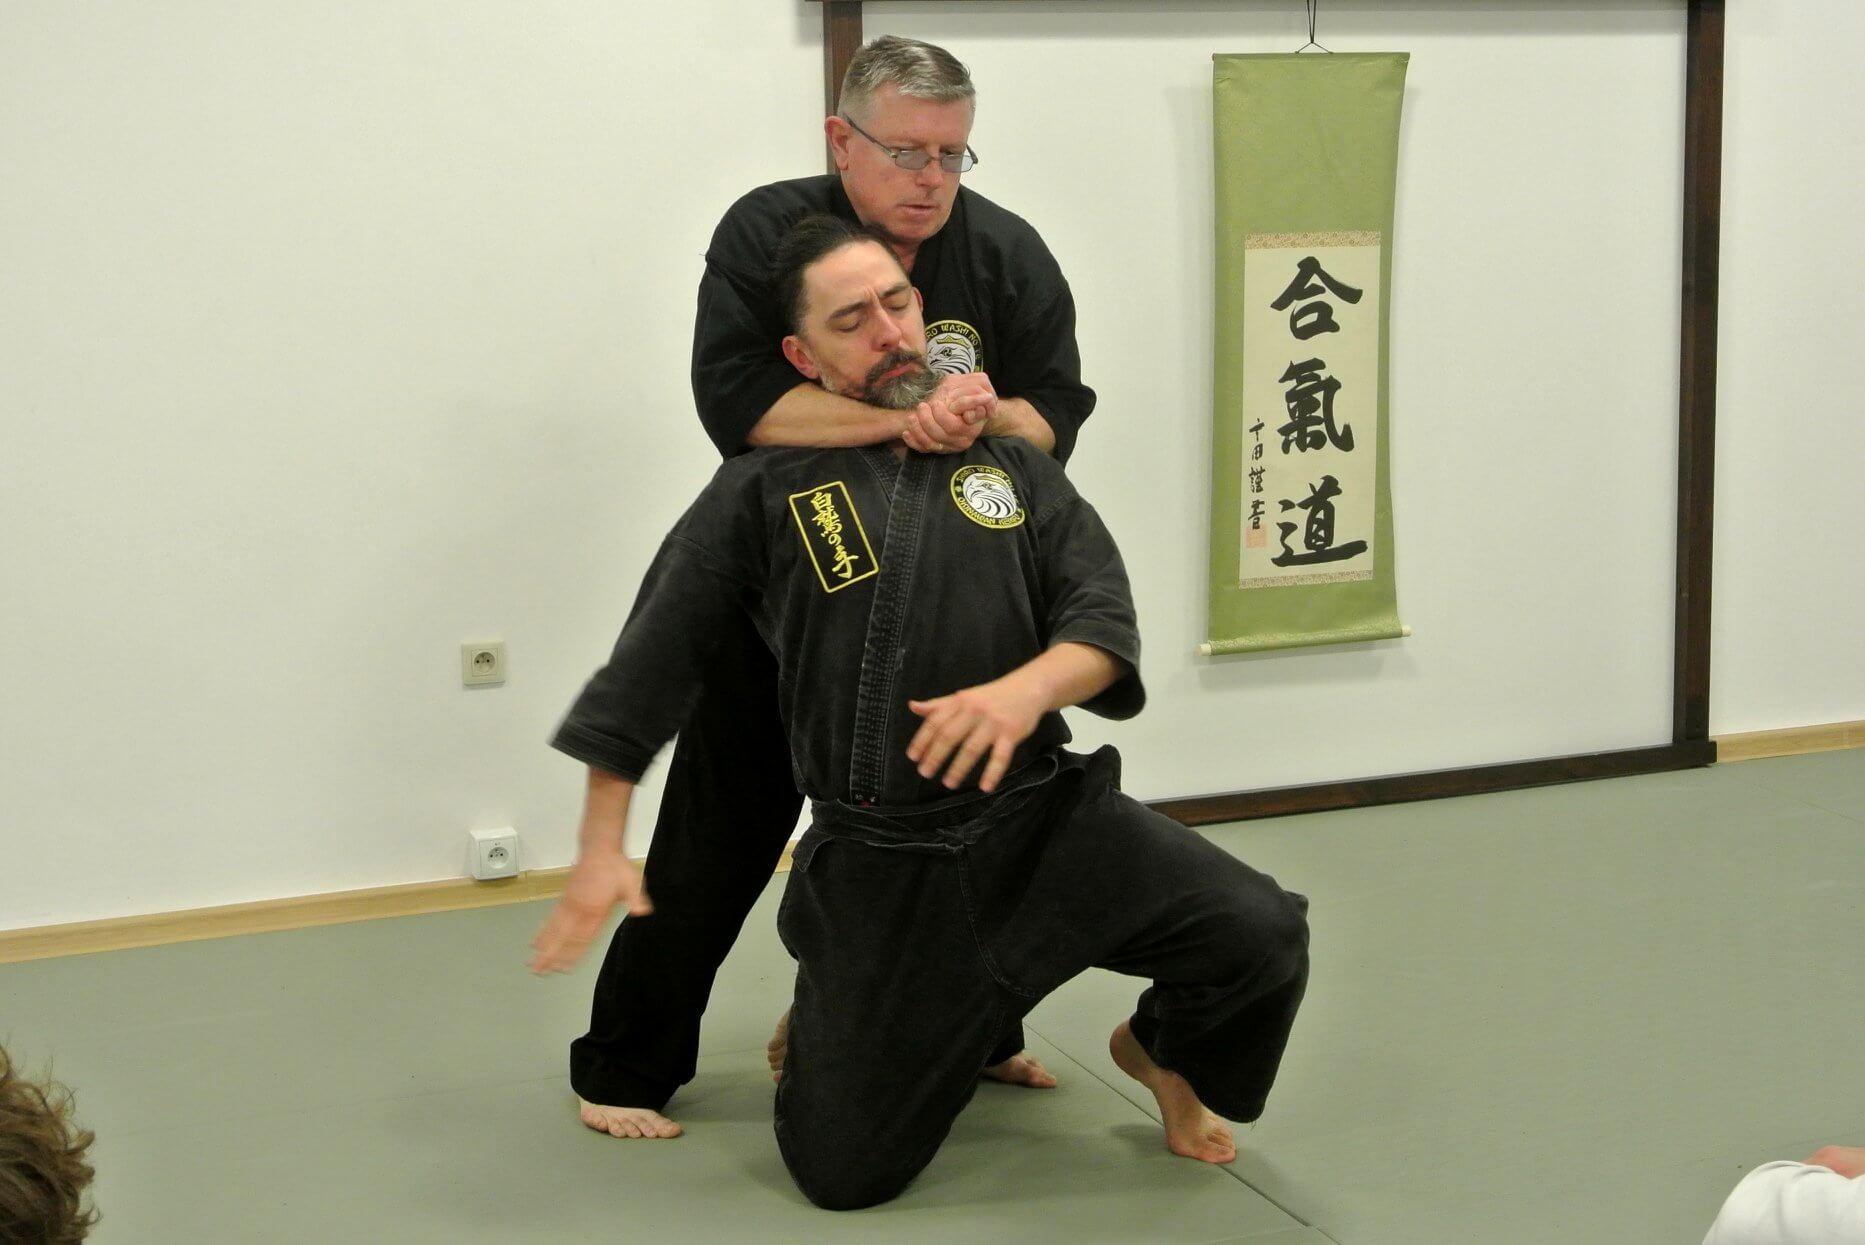 Seminarium Shiro Washi No Te Okinawan Kempo z Kyoshi Piotr Ciećwierz (8 dan)